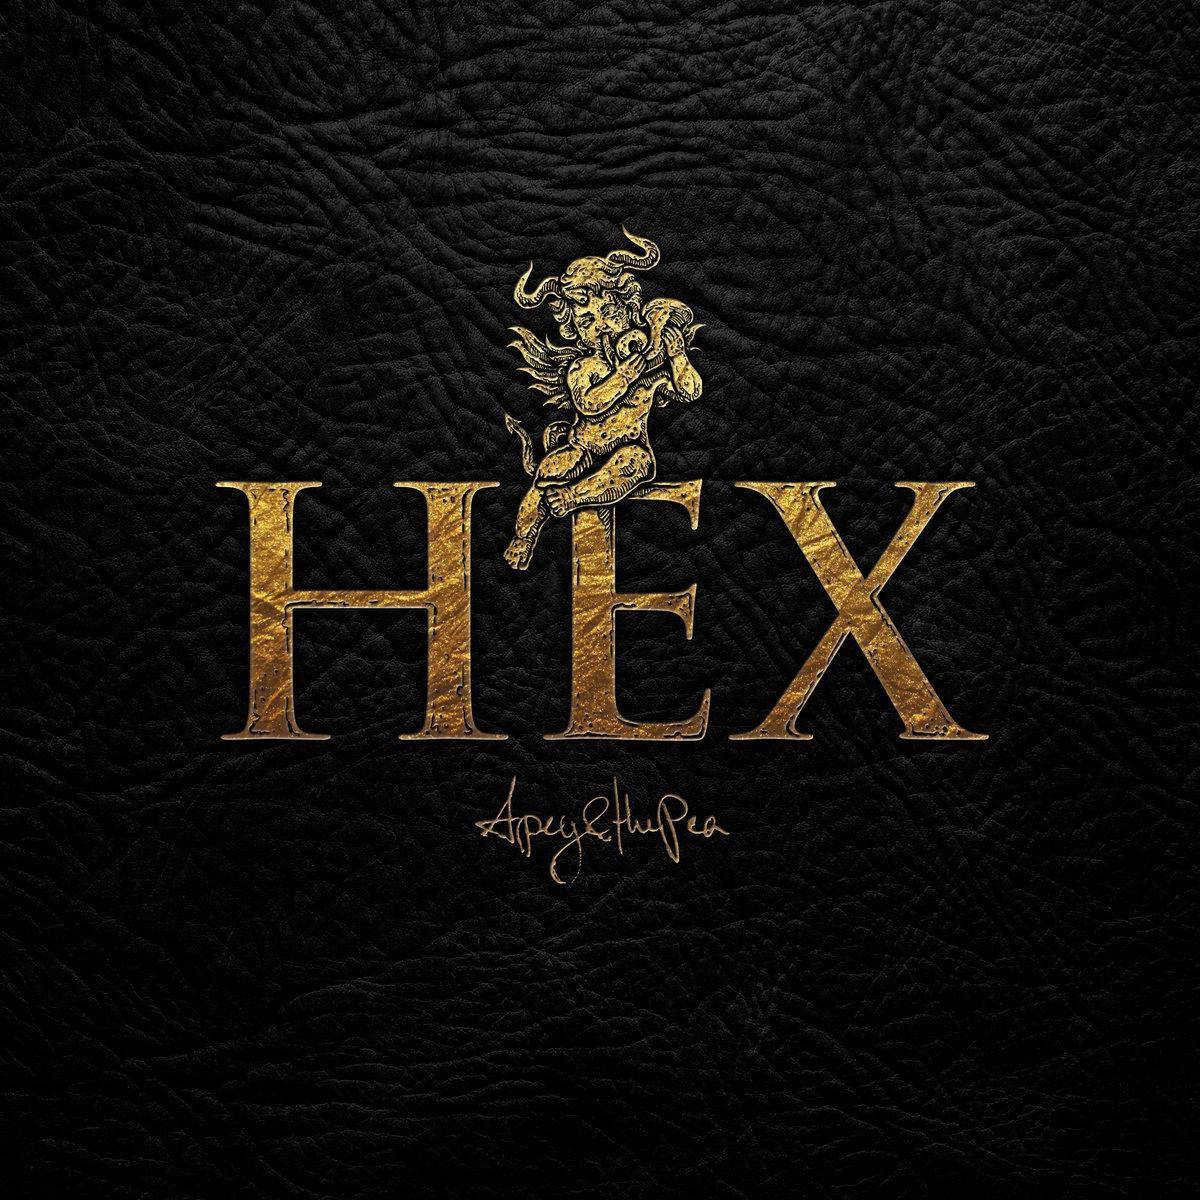 Apey And The Pea - HEX<br /><br />Apeyék is lehozták a szokásosan magas és megbízható minőséget a HEX képében, ez a korong is büszkén ott vigyorgott az összeállításunkban, így sokat hozzátenni nem is érdemes.<br />